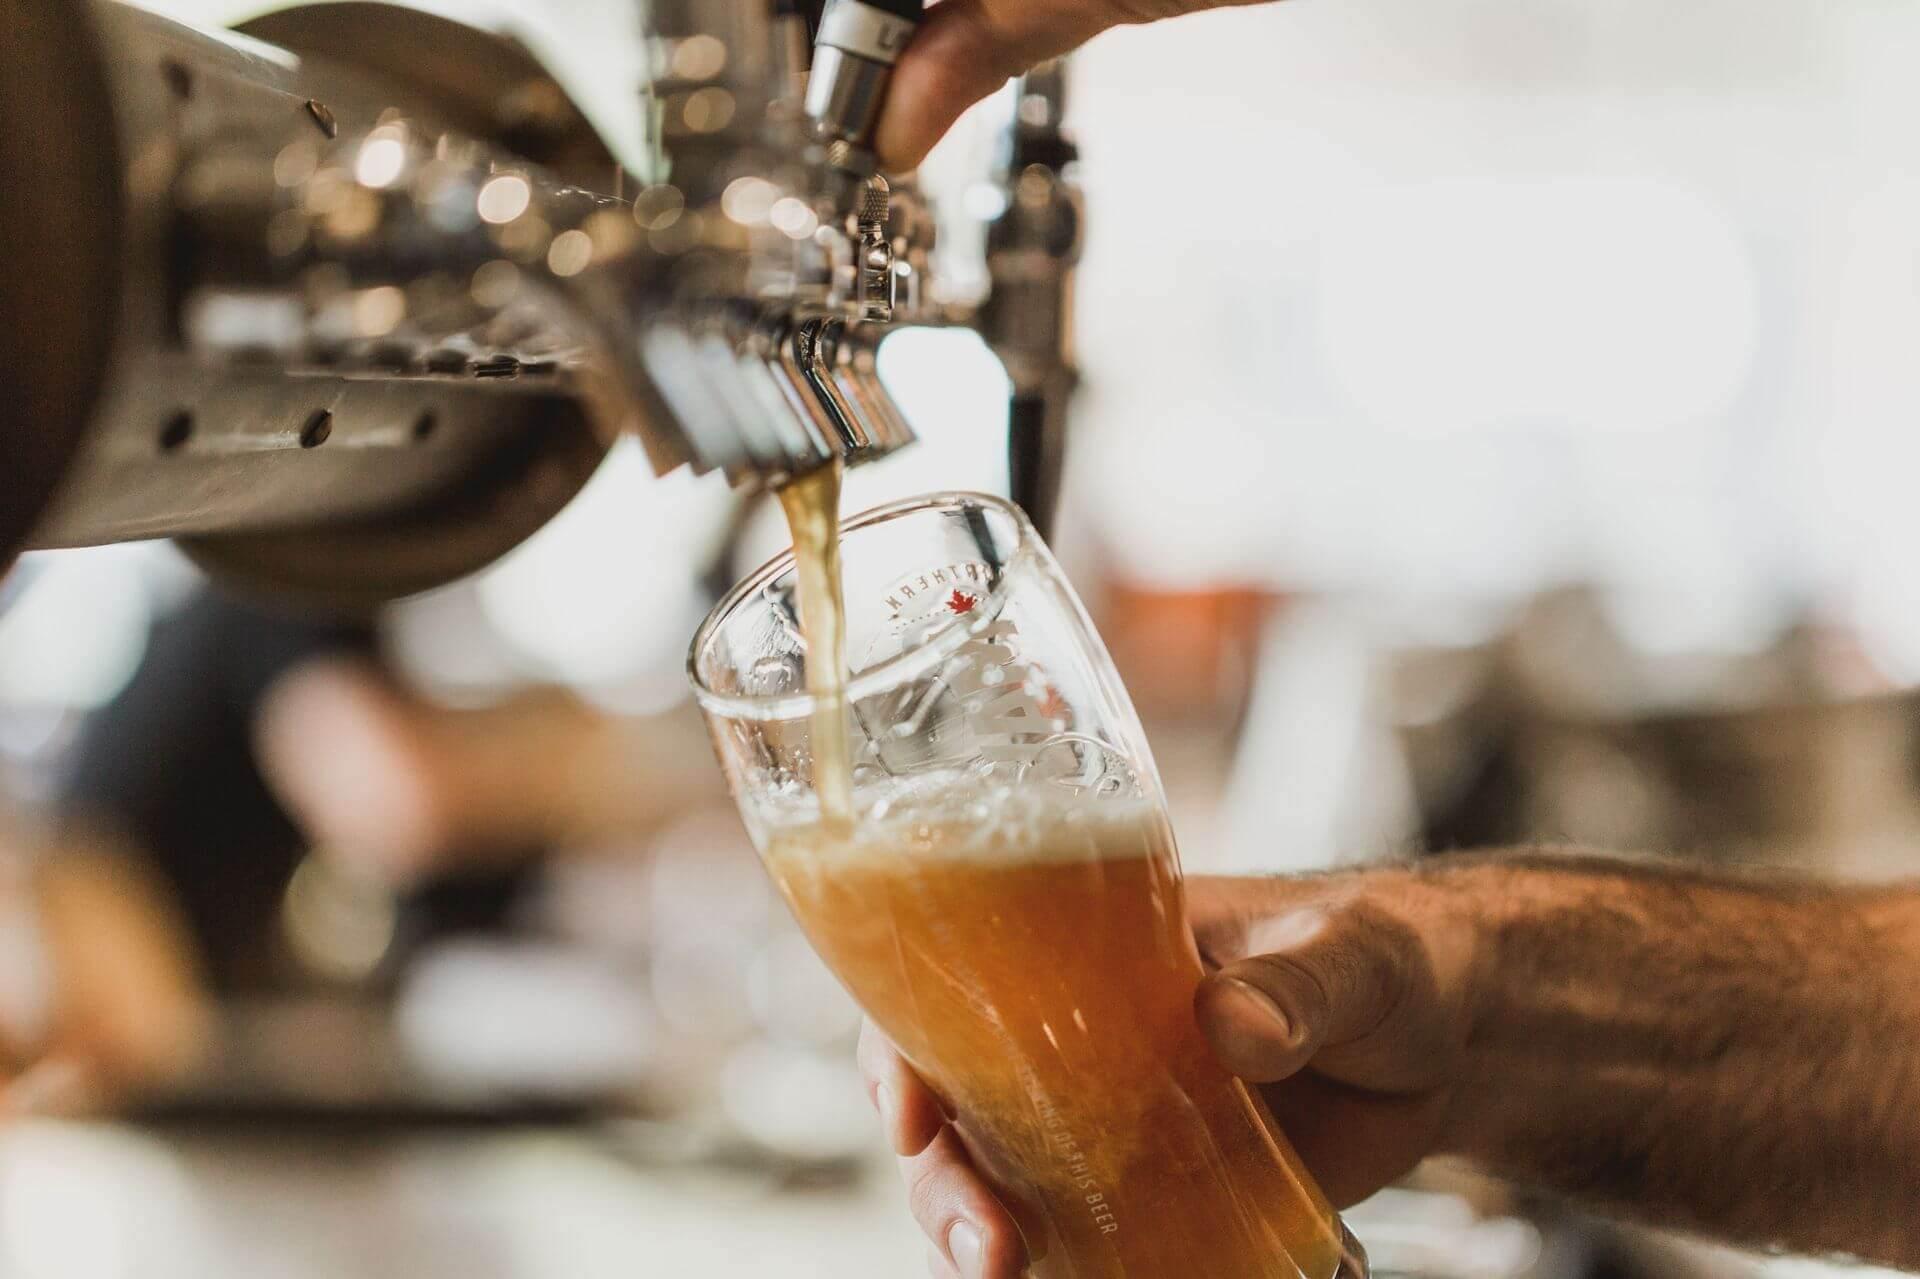 beer-01-1920-1279